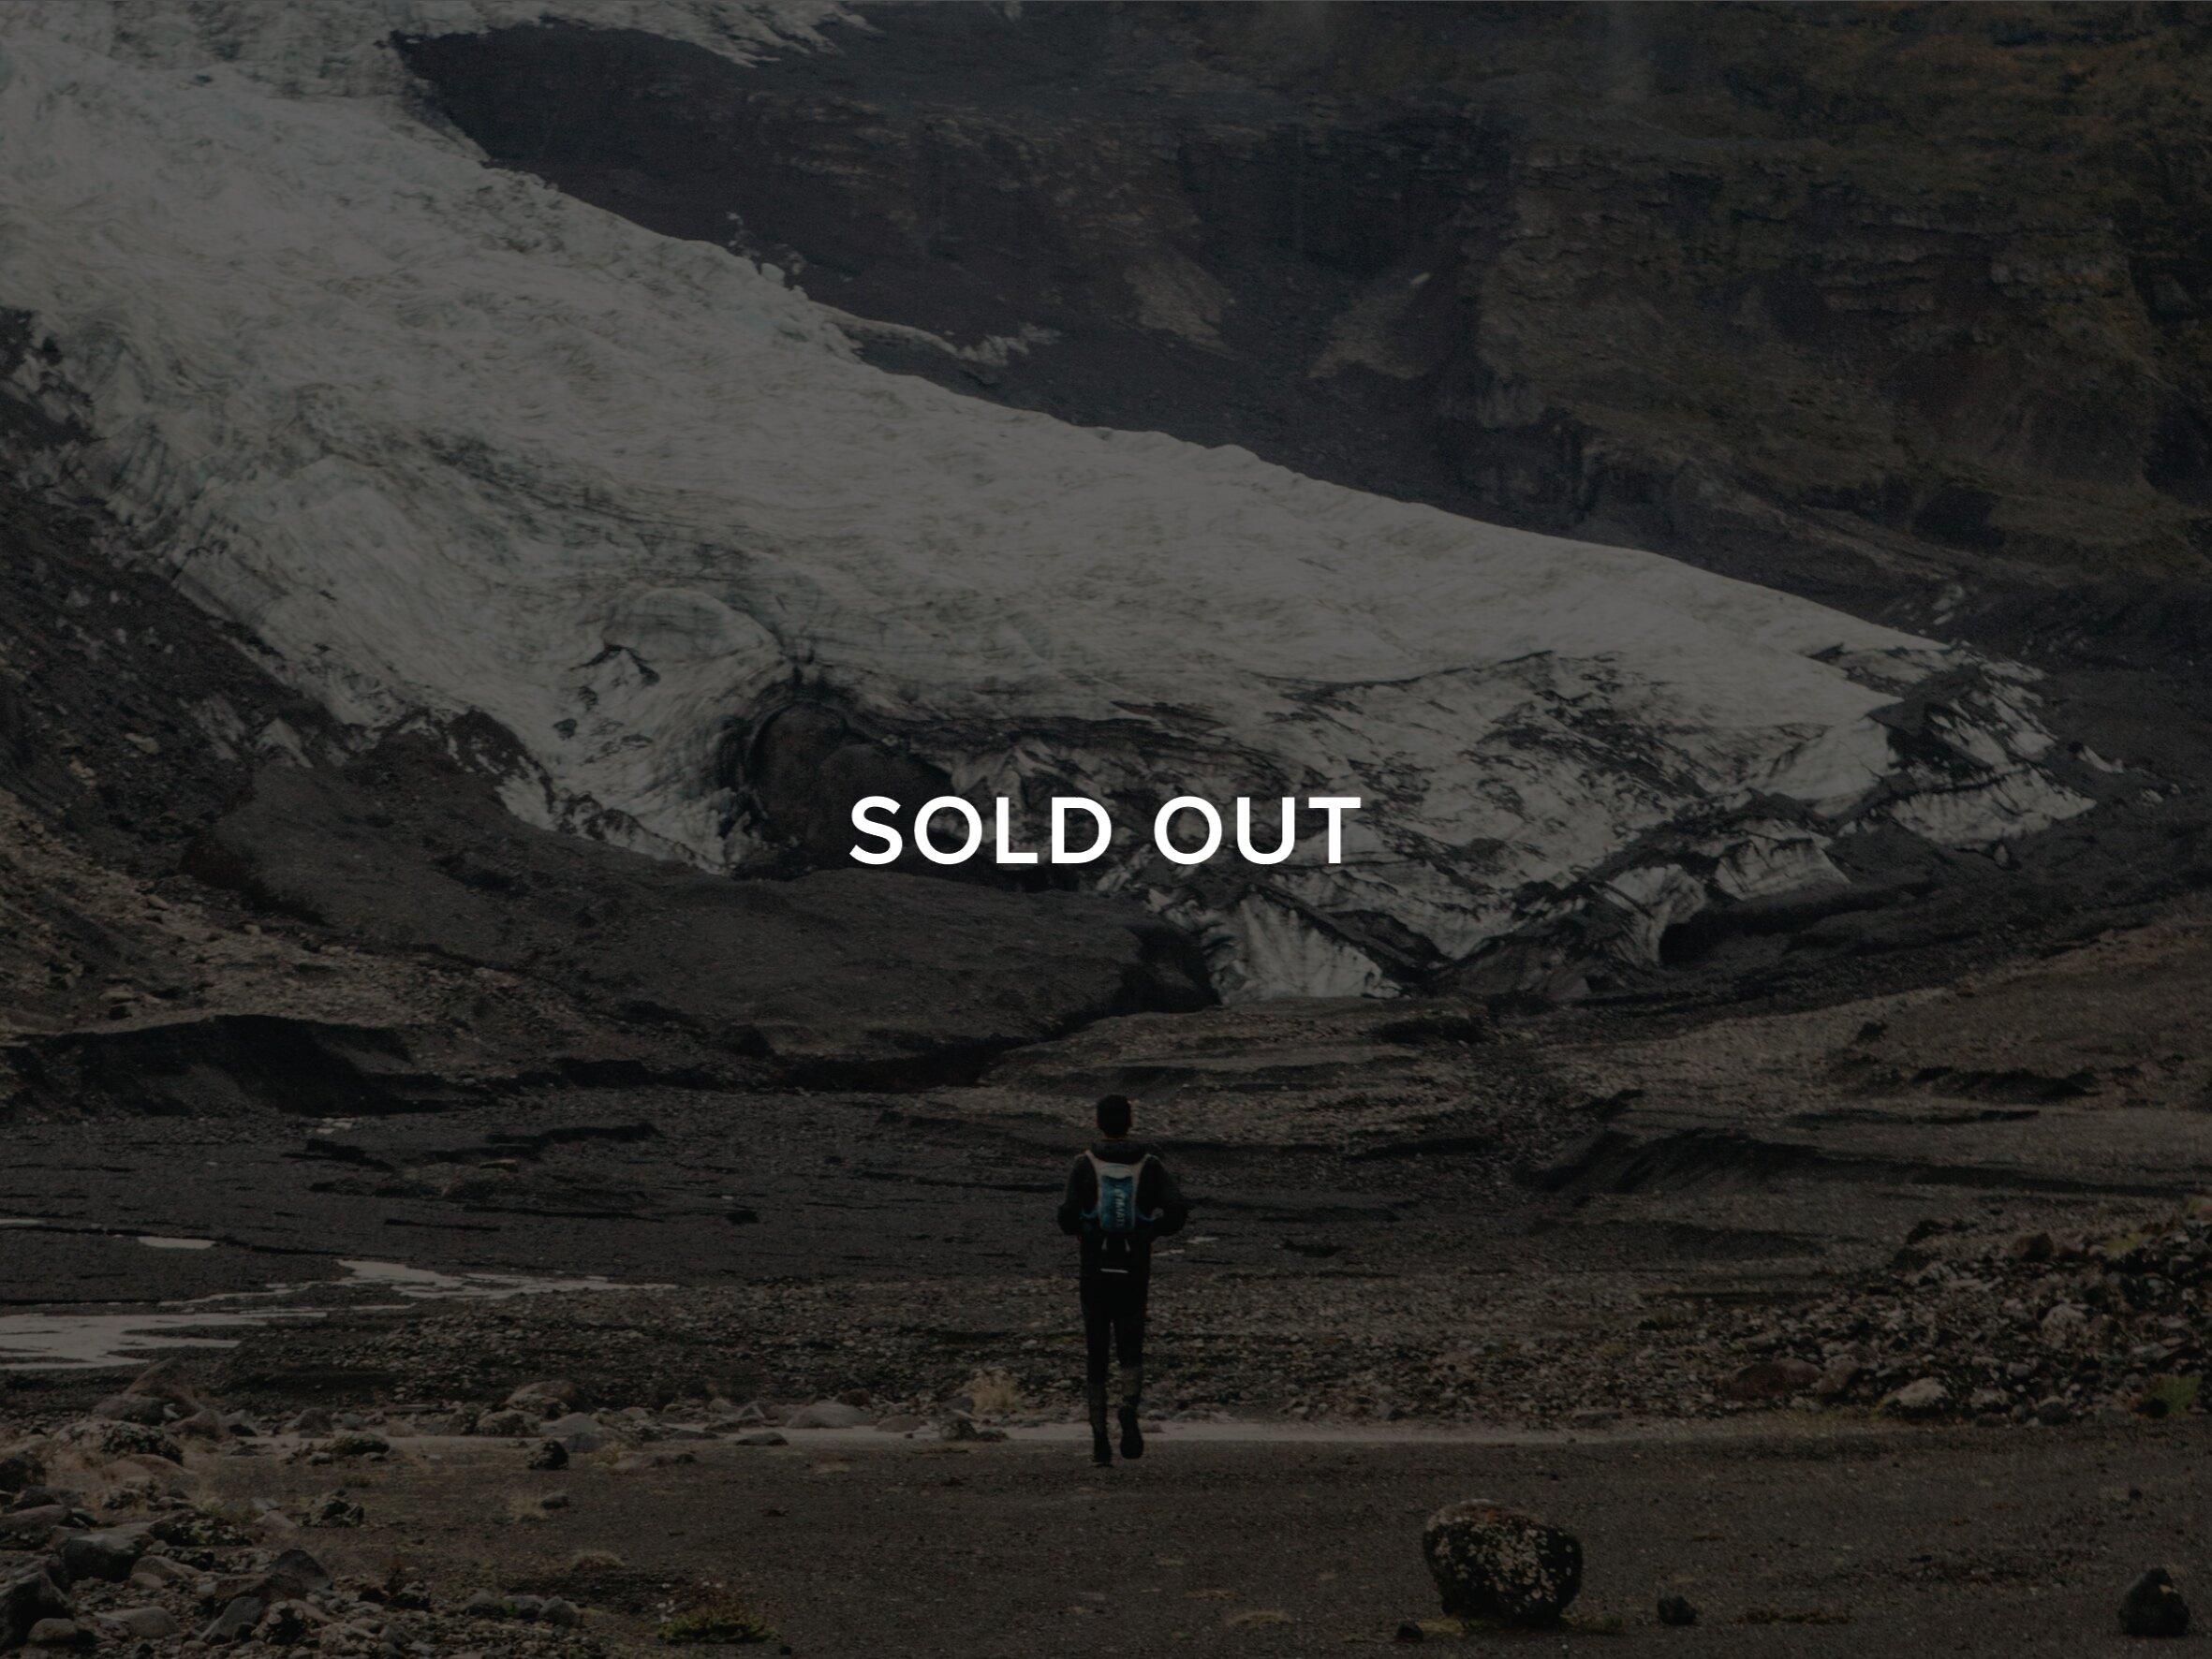 Lake District, Patagonia Running Holiday - Dec 26, 2019 - Jan 2, 2020